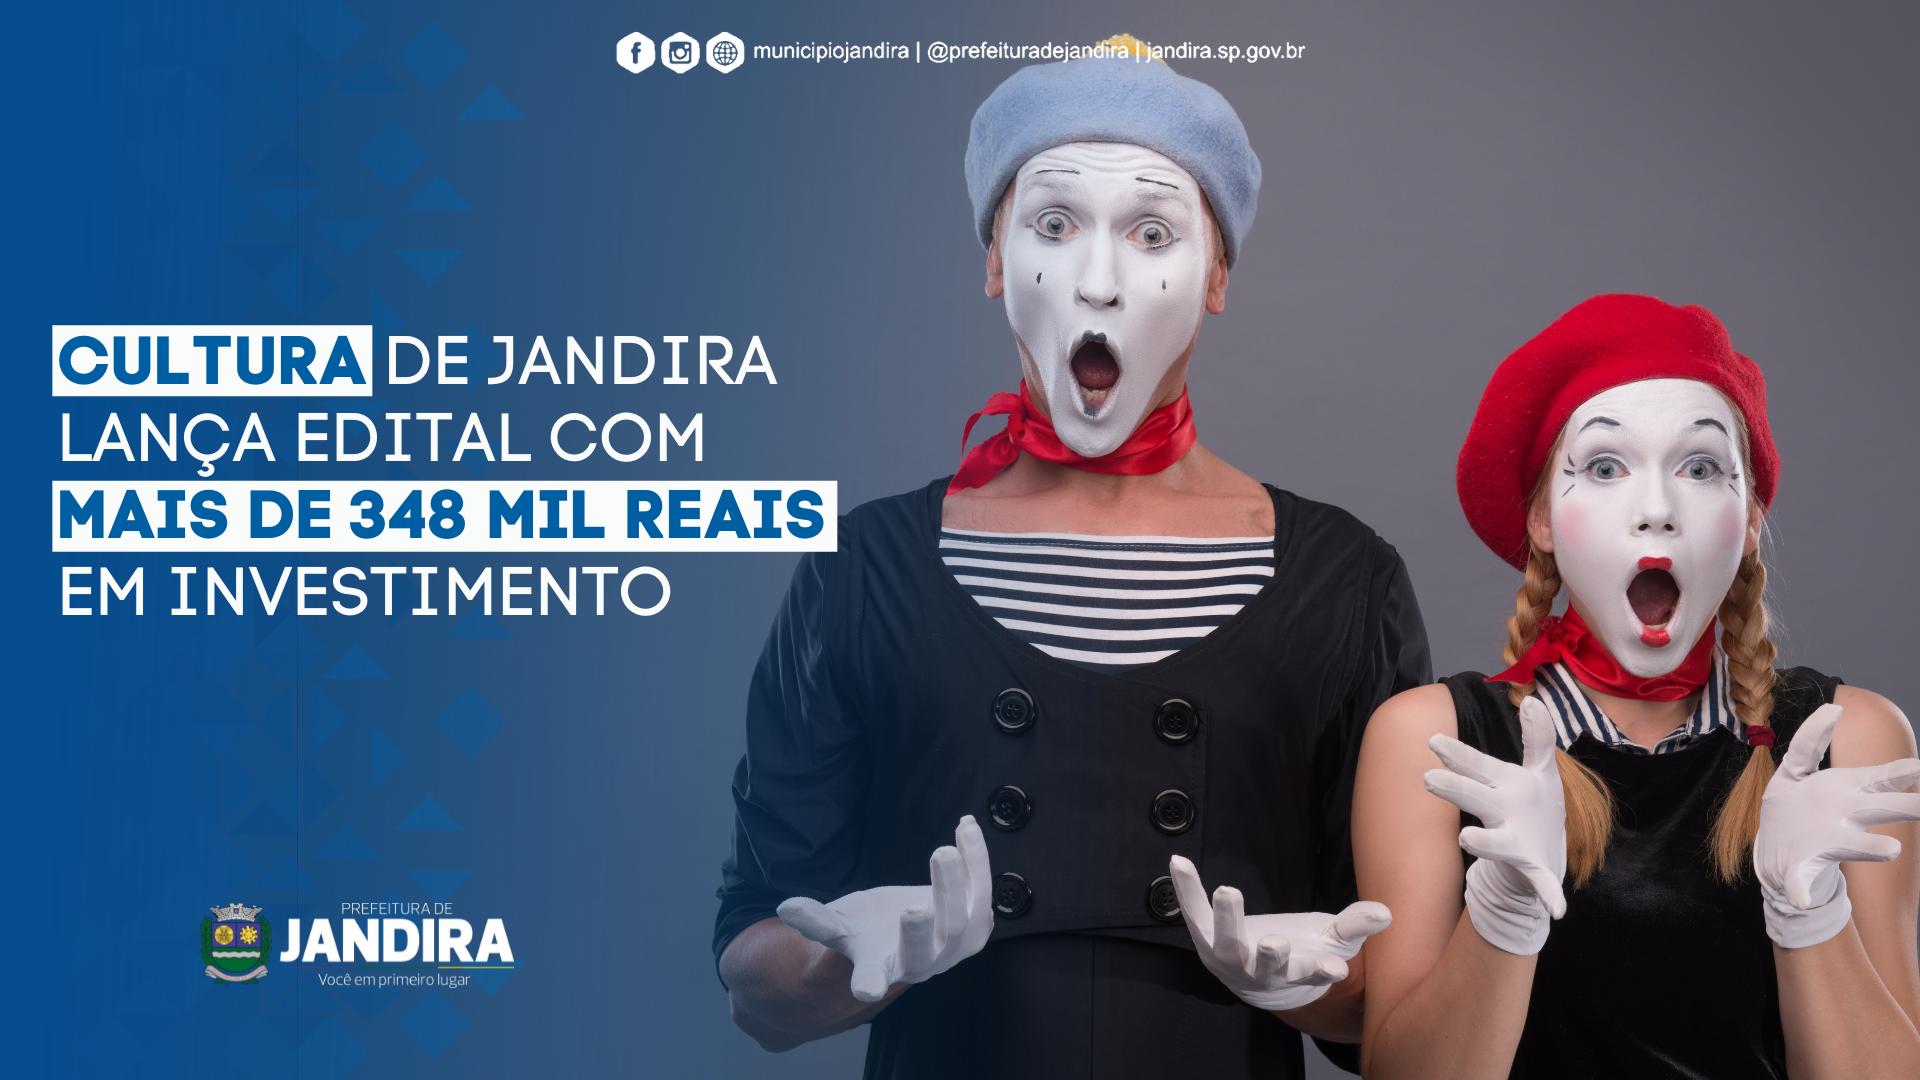 Jandira lança edital com mais 348 mil reais em investimento Cultural